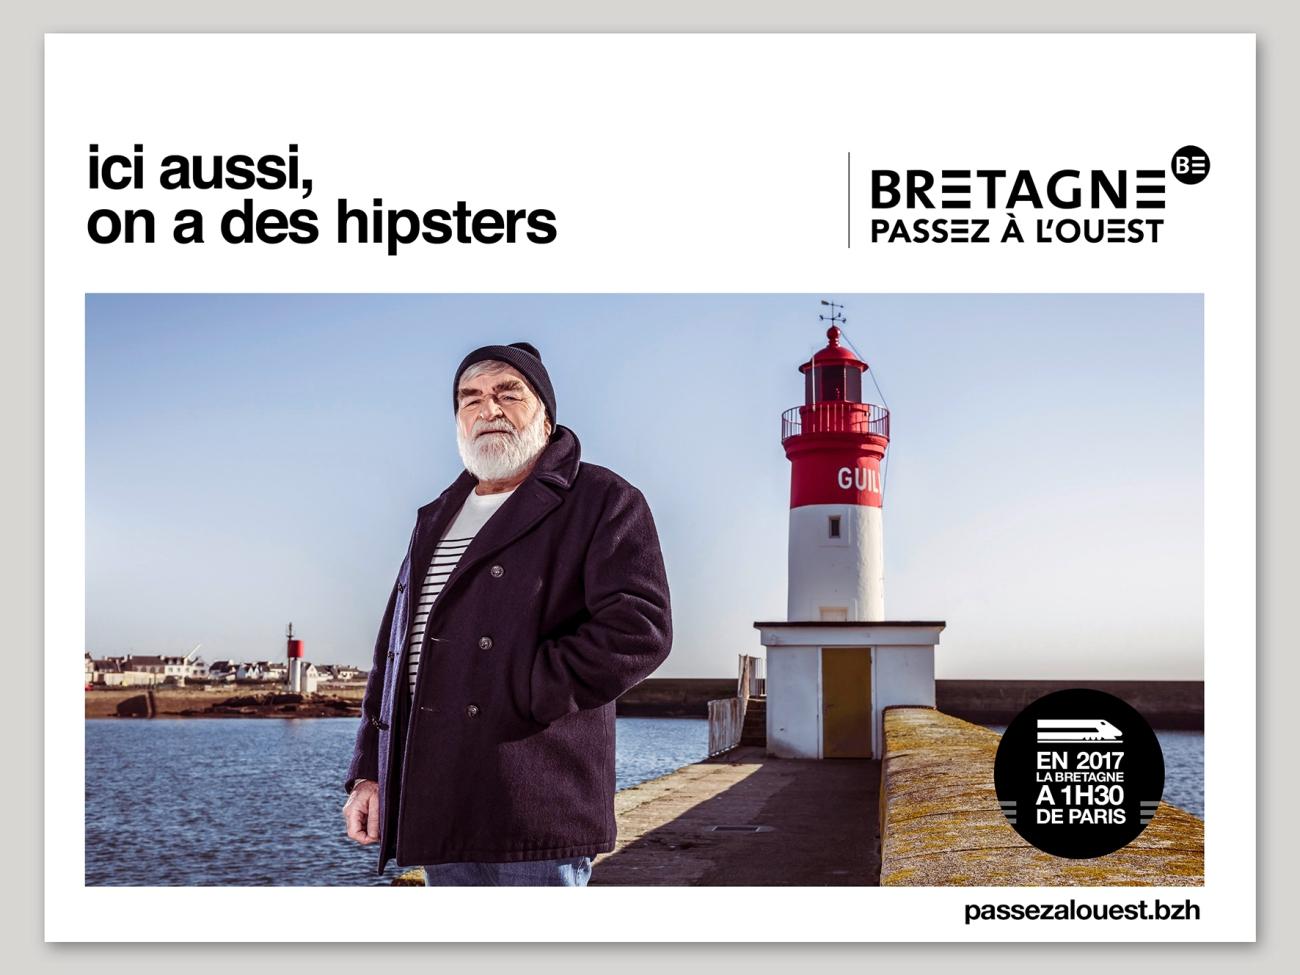 notchup-ddb-campagne-bretagne-11489412160.jpg